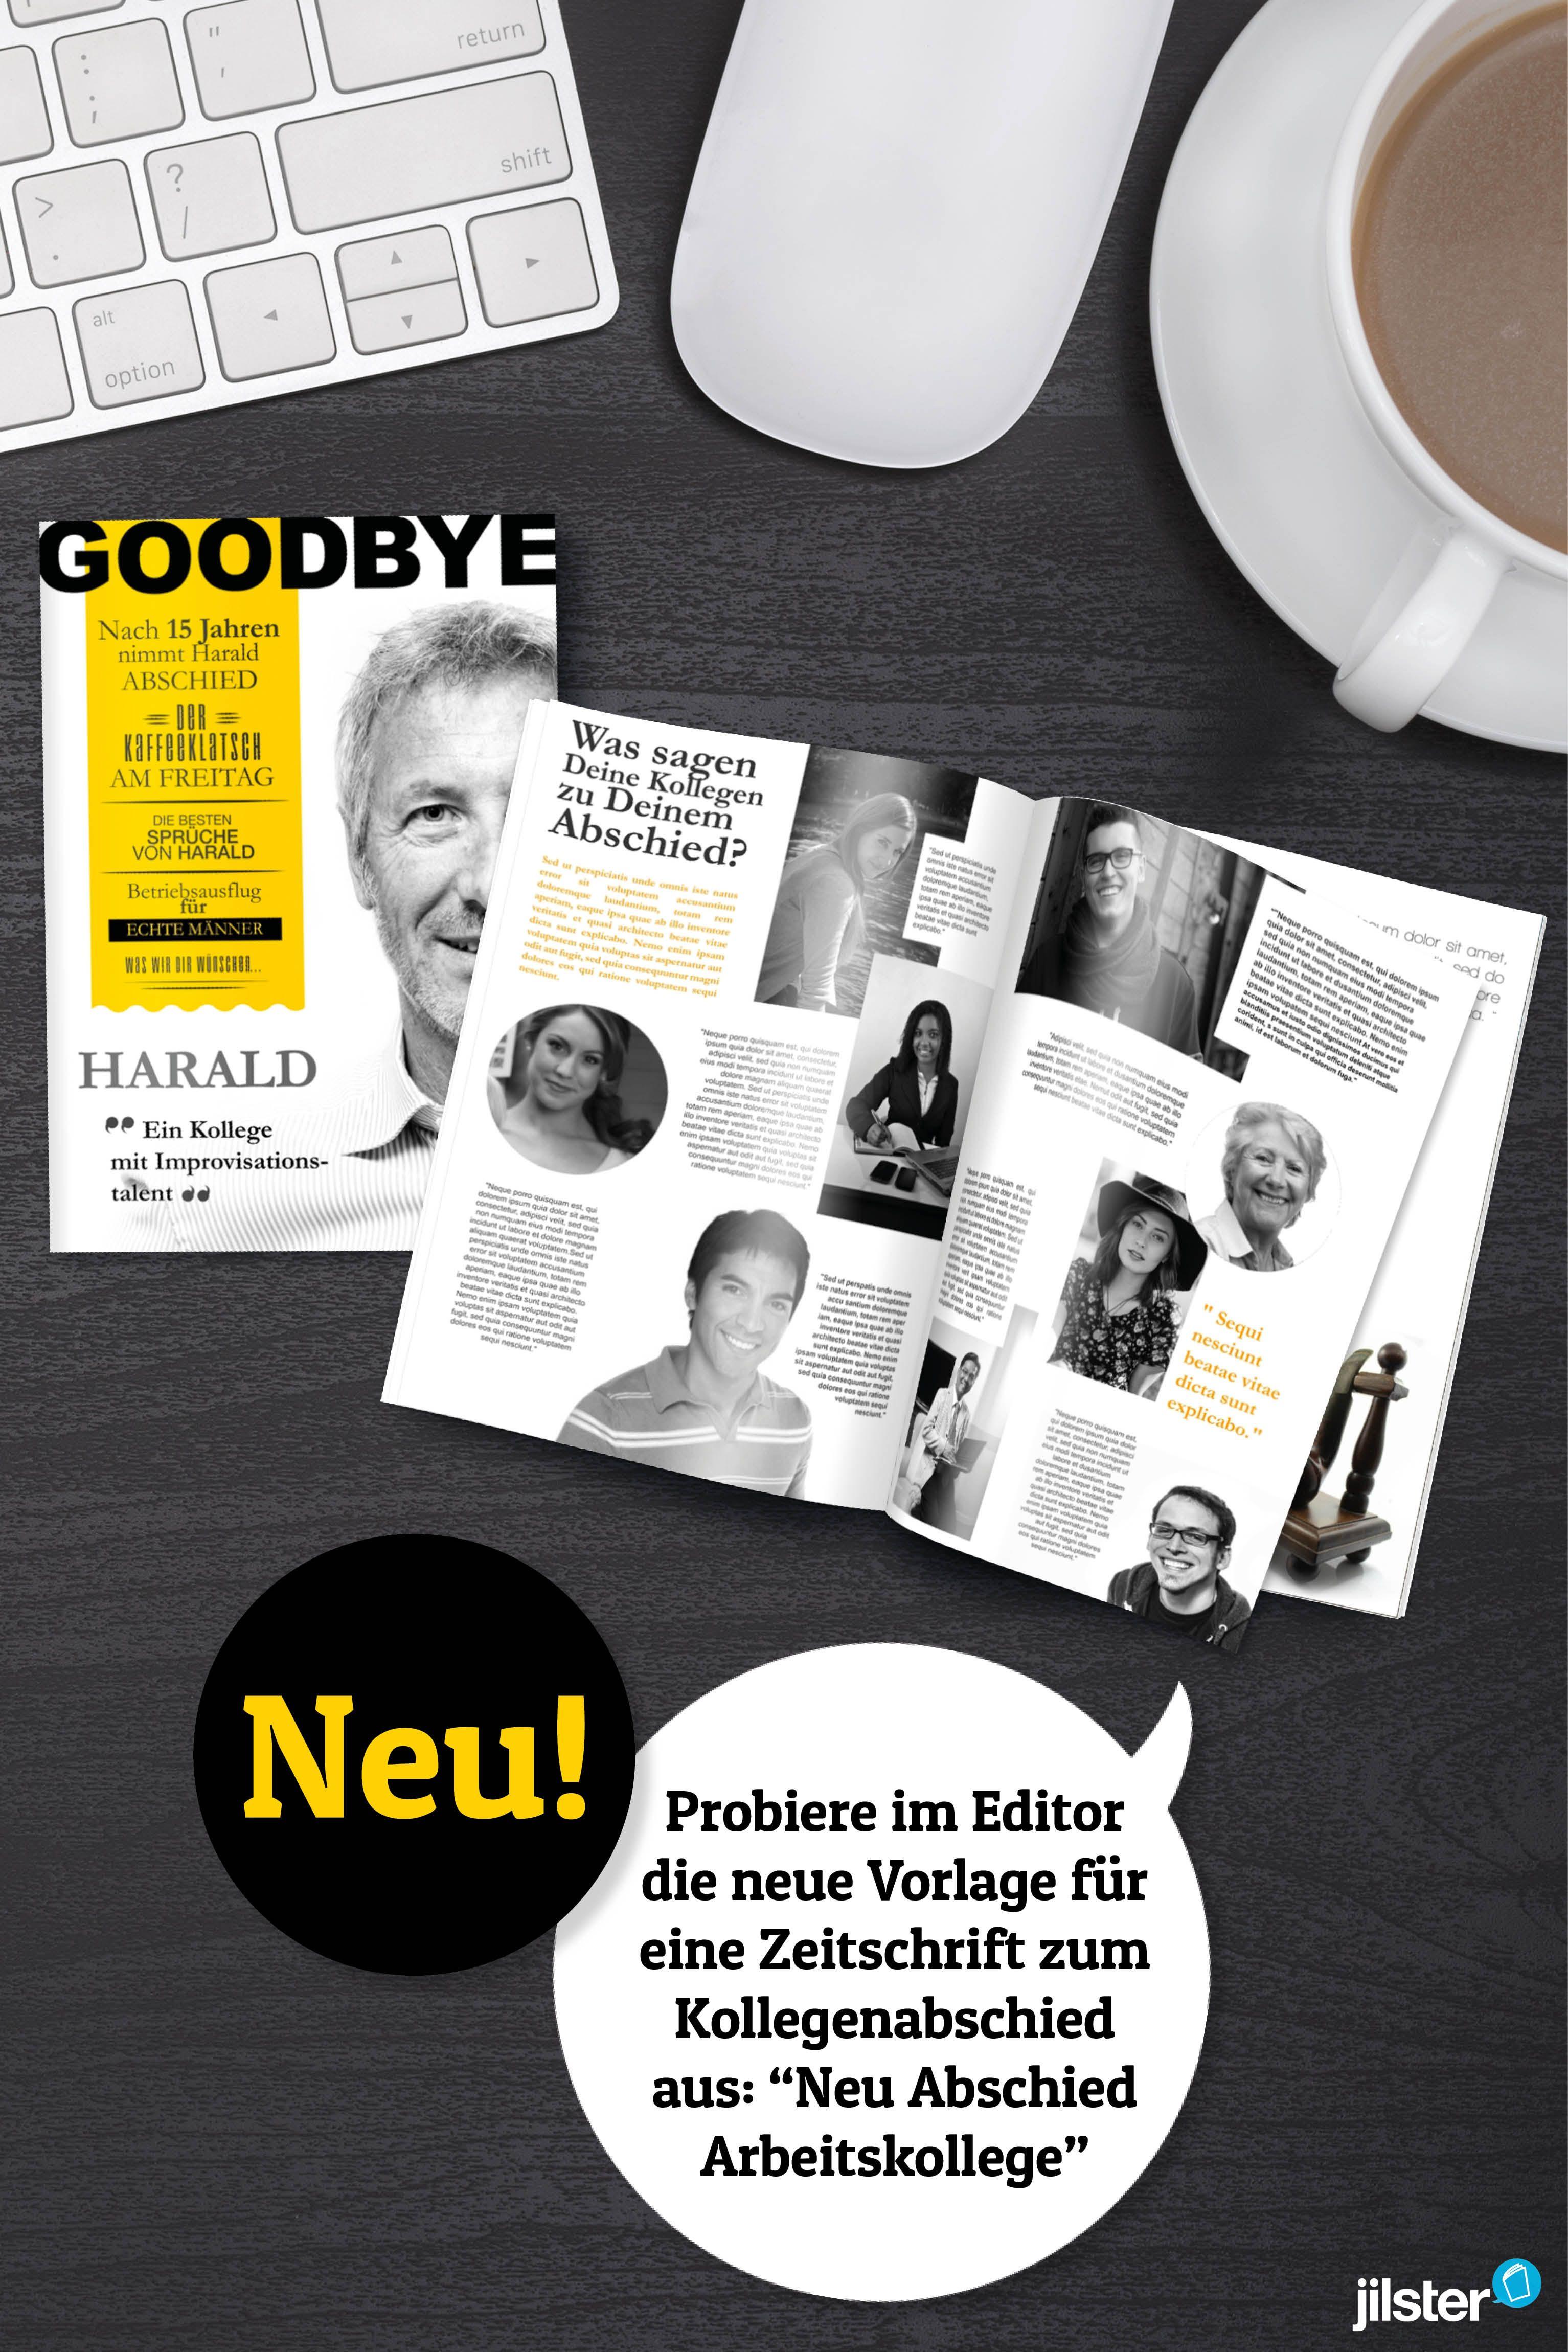 Neue Vorlage für eine Abschiedszeitung für einen Kollegen ...